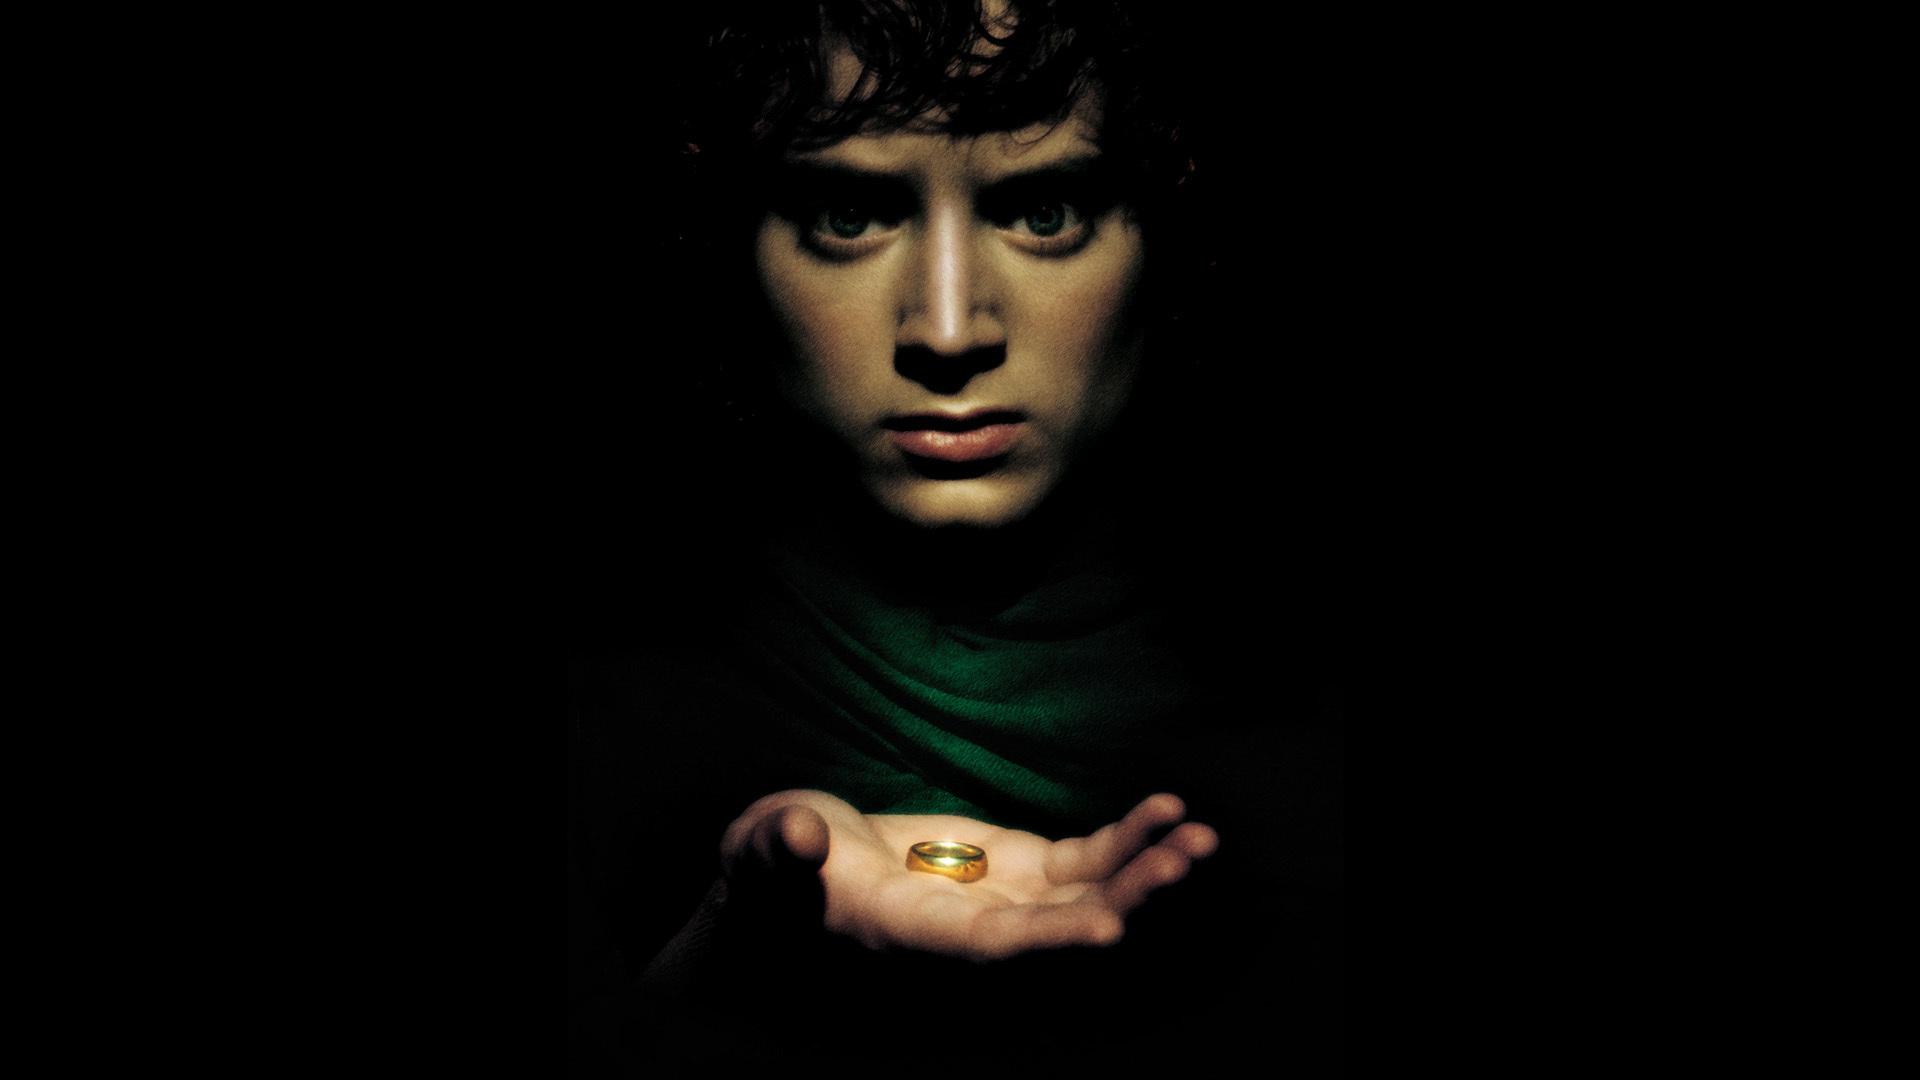 Lord of The Rings Wallpaper, elijah, wood, frodo, hobbit, fantasy ...